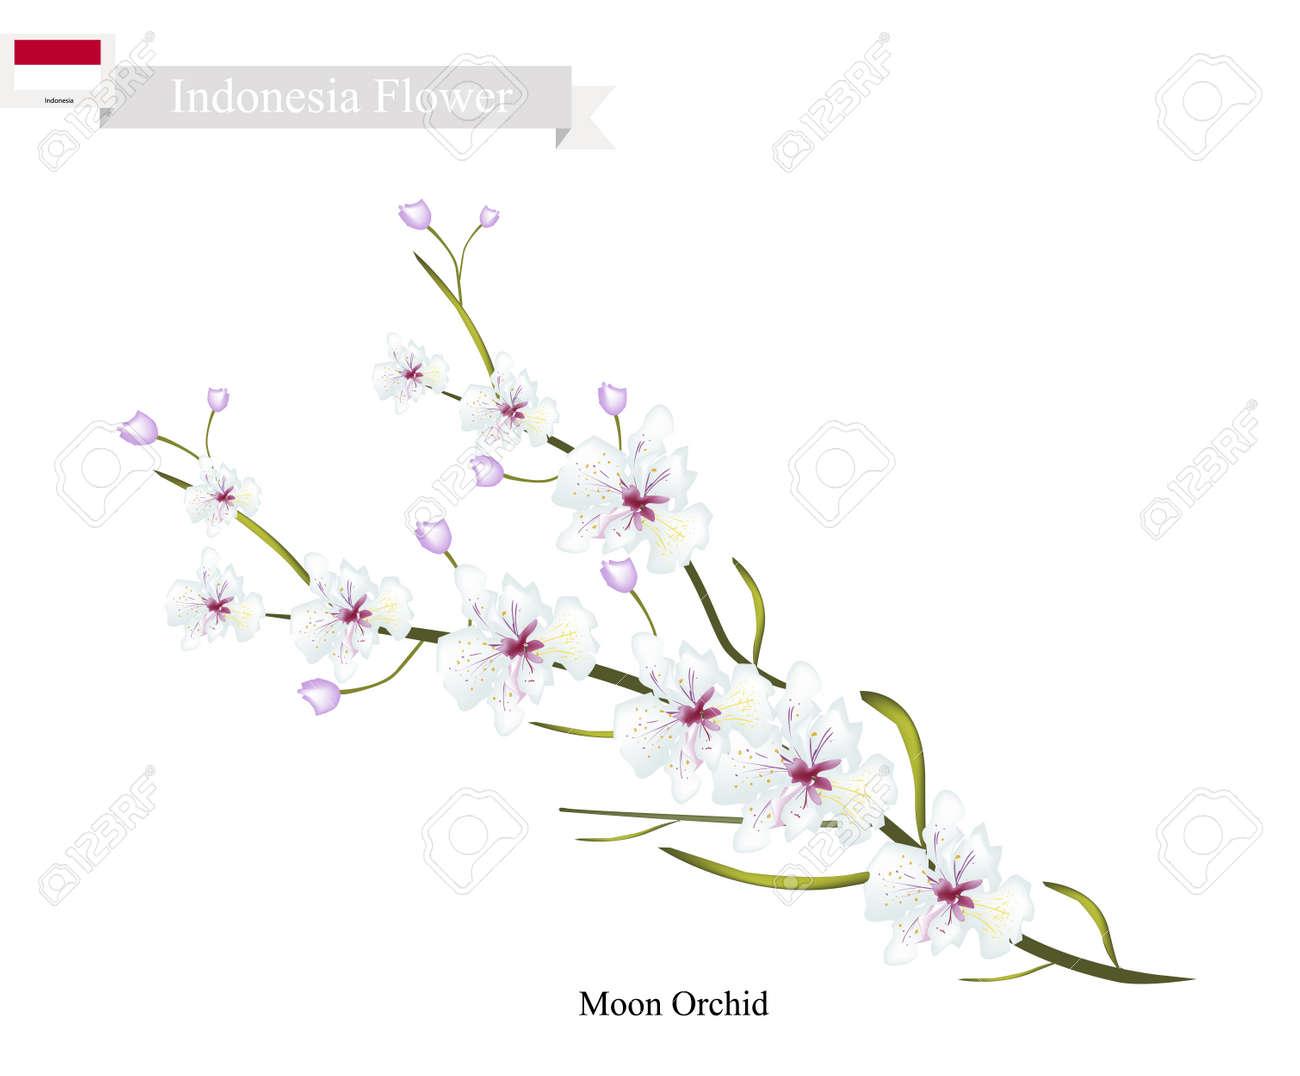 インドネシアの花、月の蘭の花のイラスト。インドネシアの魅力の花。